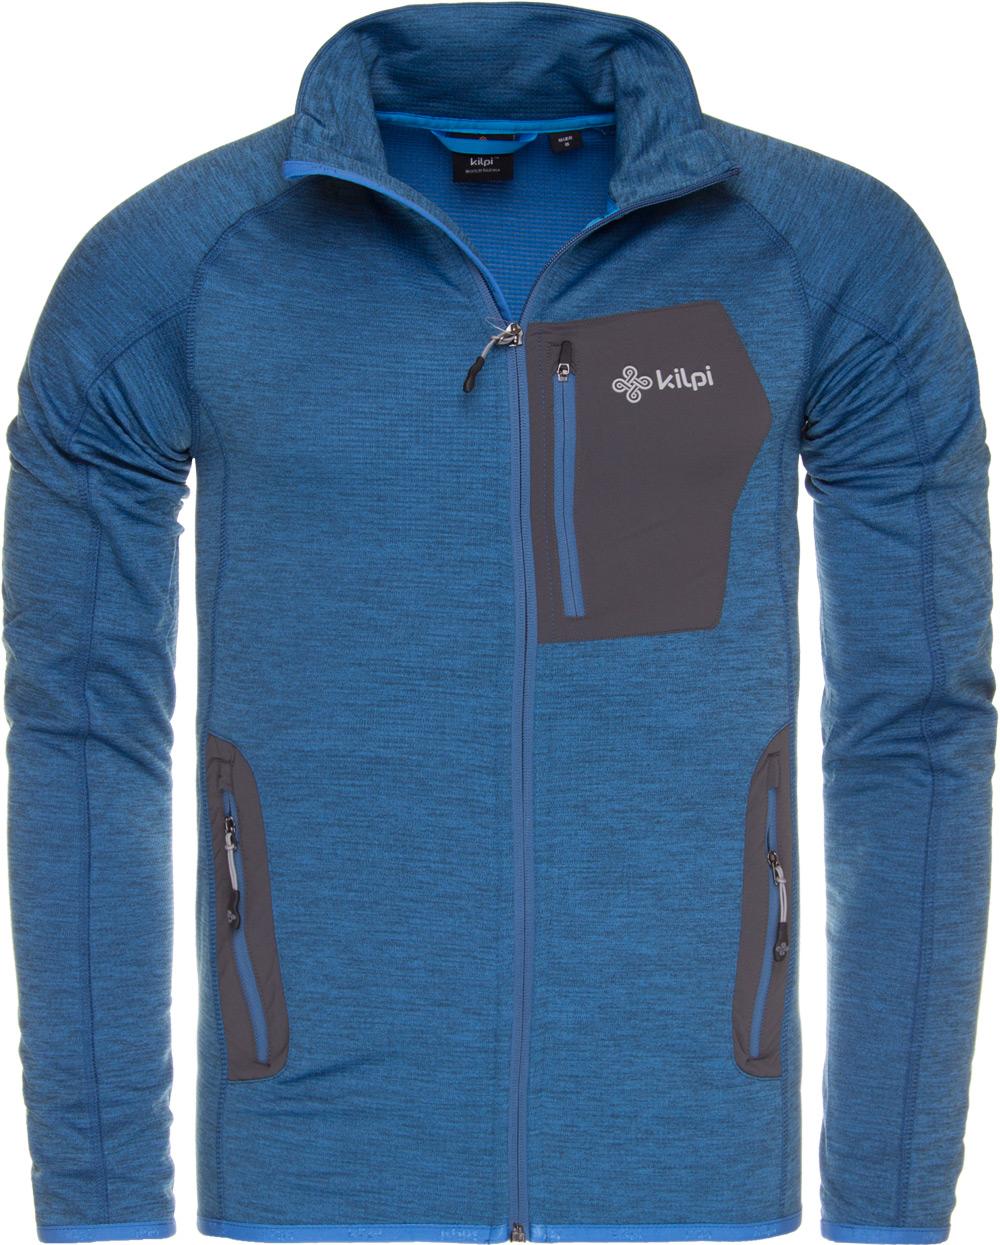 Men's sweatshirt Kilpi ERIS-M